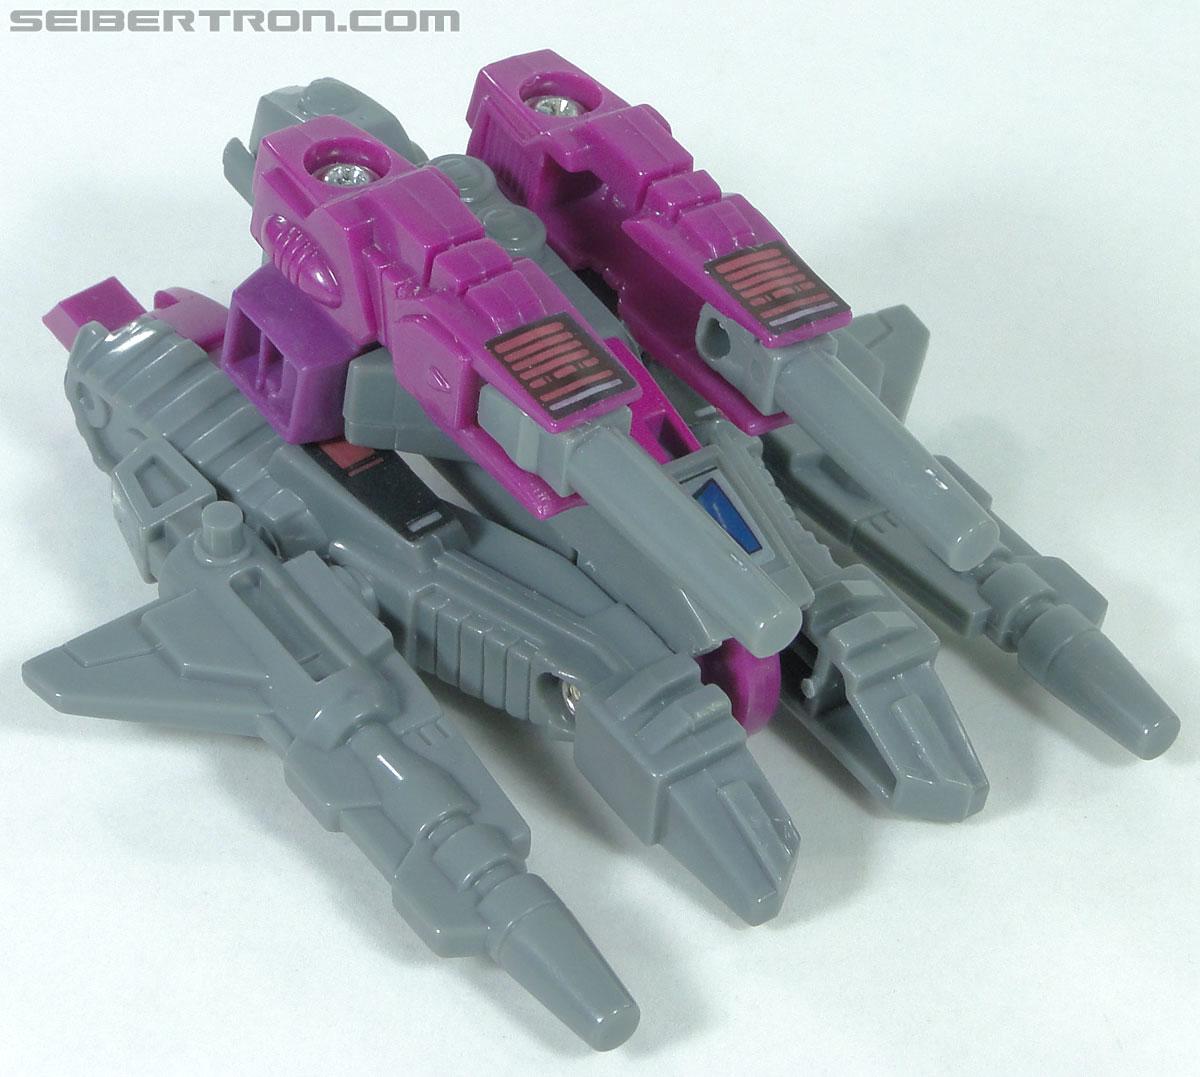 Transformers Super God Masterforce Skullgrin (Dauros) (Image #114 of 196)